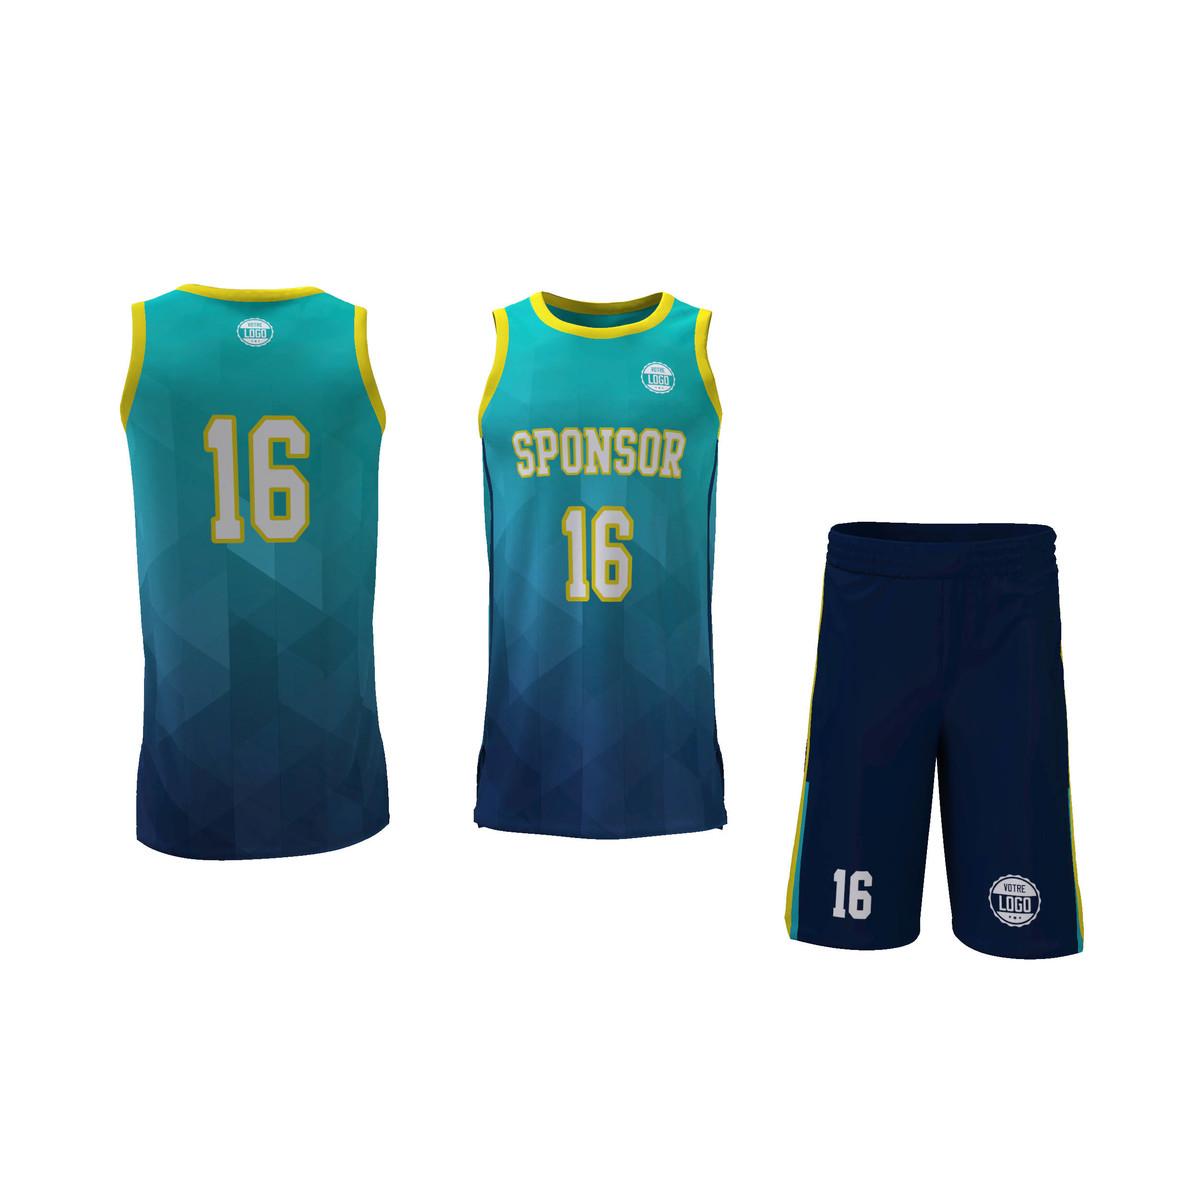 Image_basketball-16-set1-v2--0-0--aa58ab3c-806a-4fa3-9559-b83095180c5e